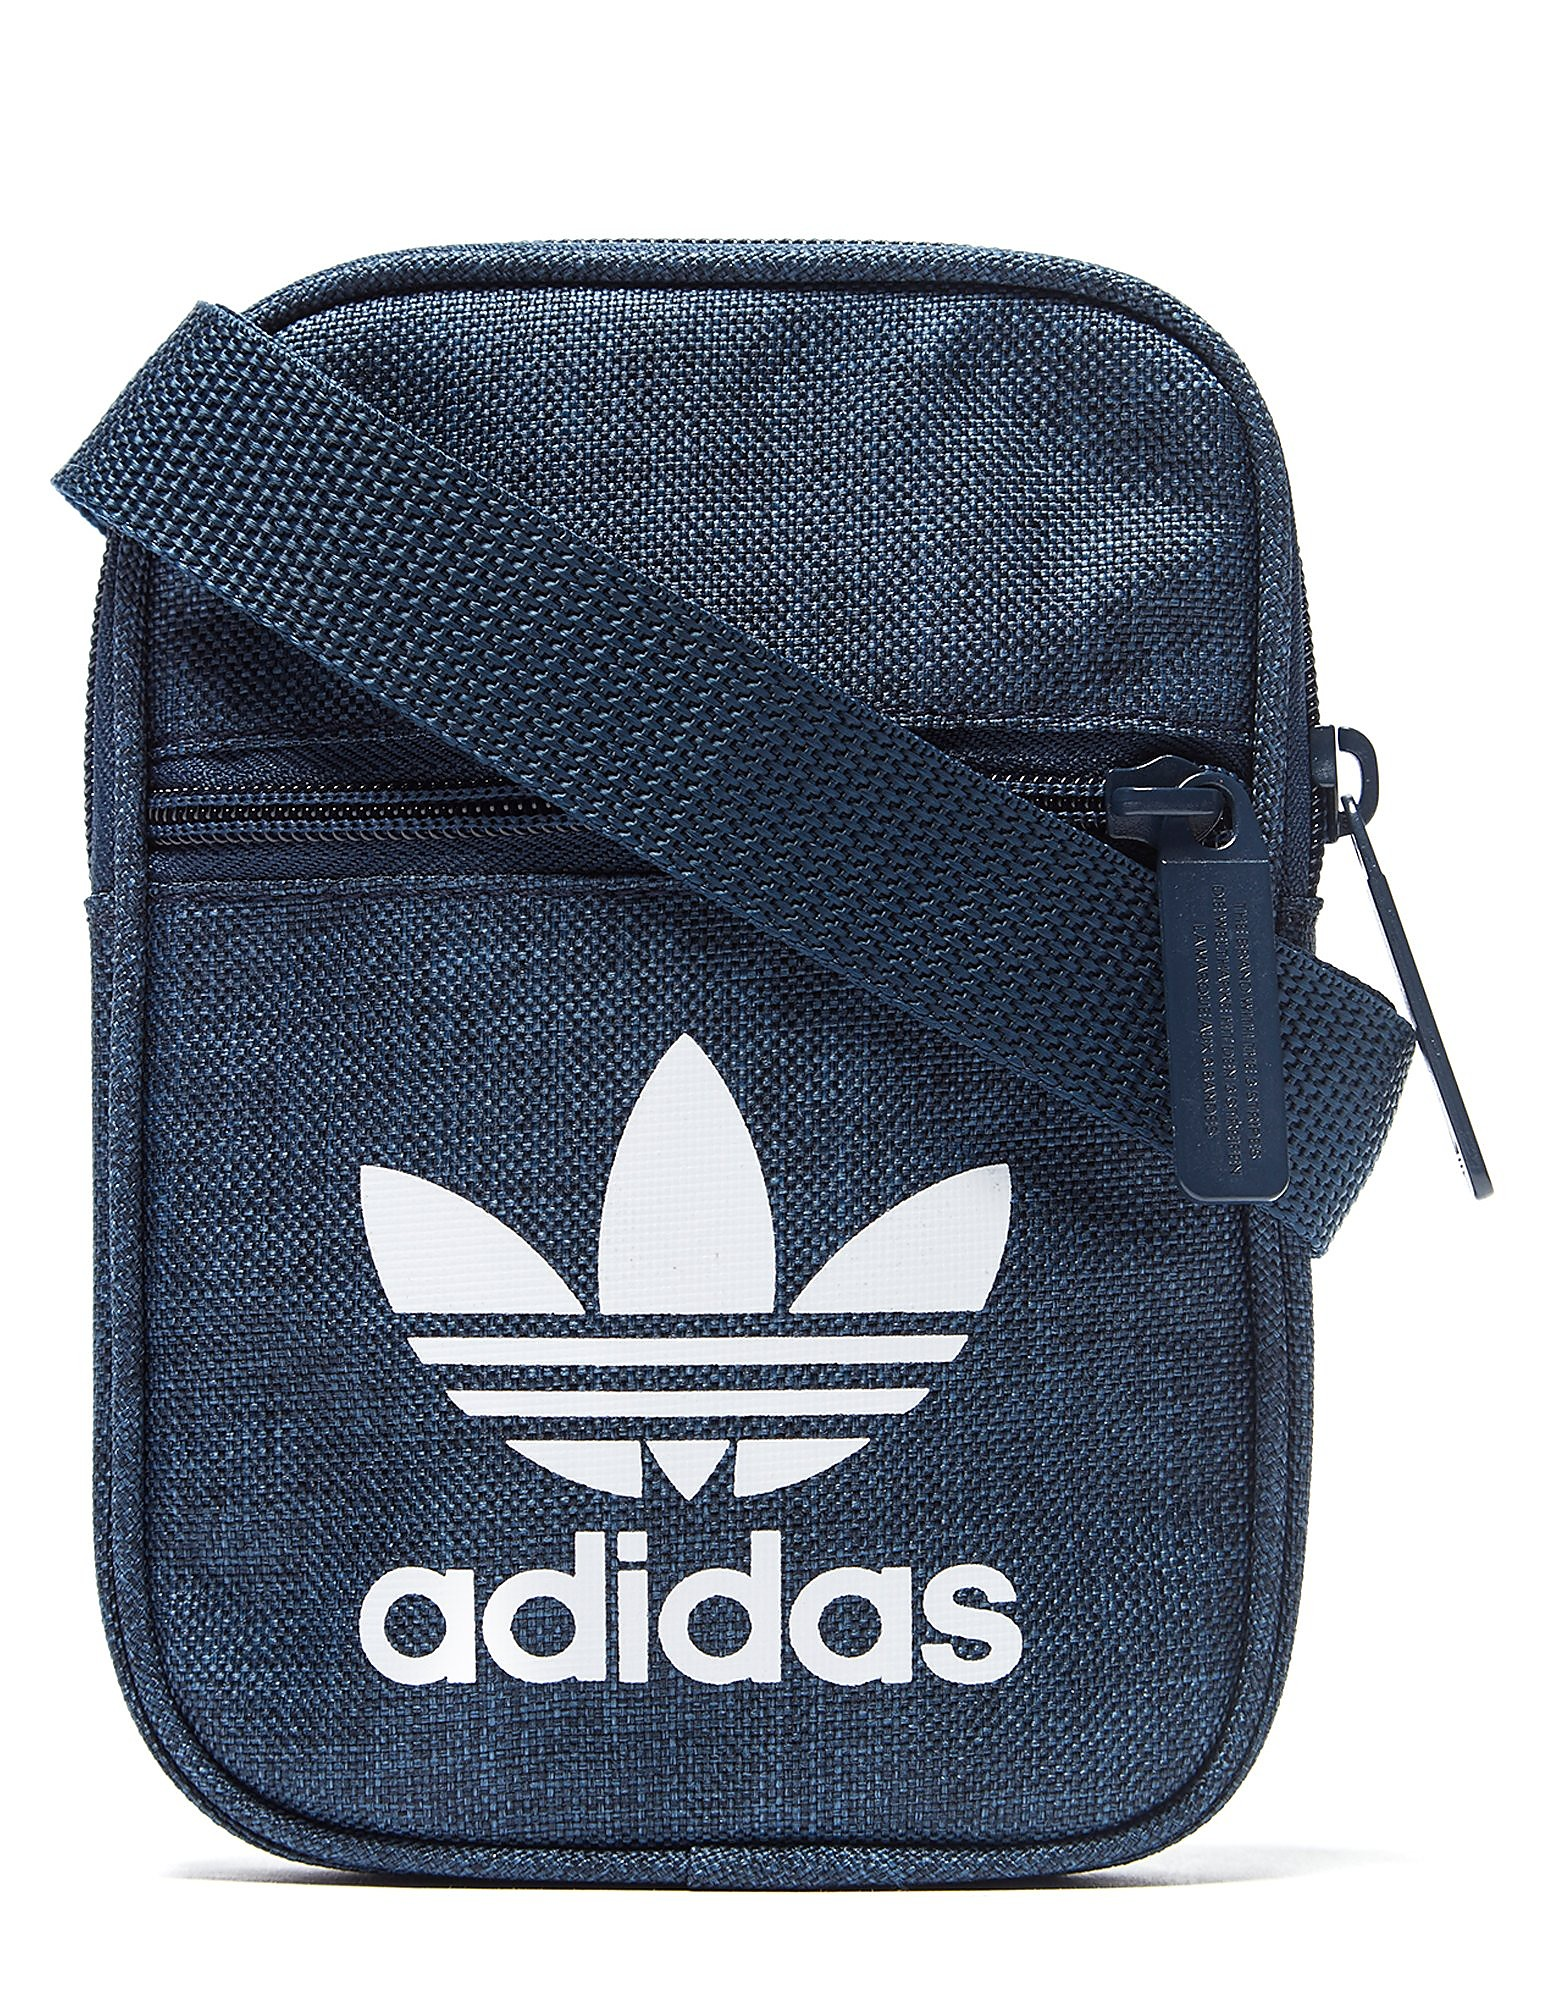 adidas Originals Denim Festival Bag